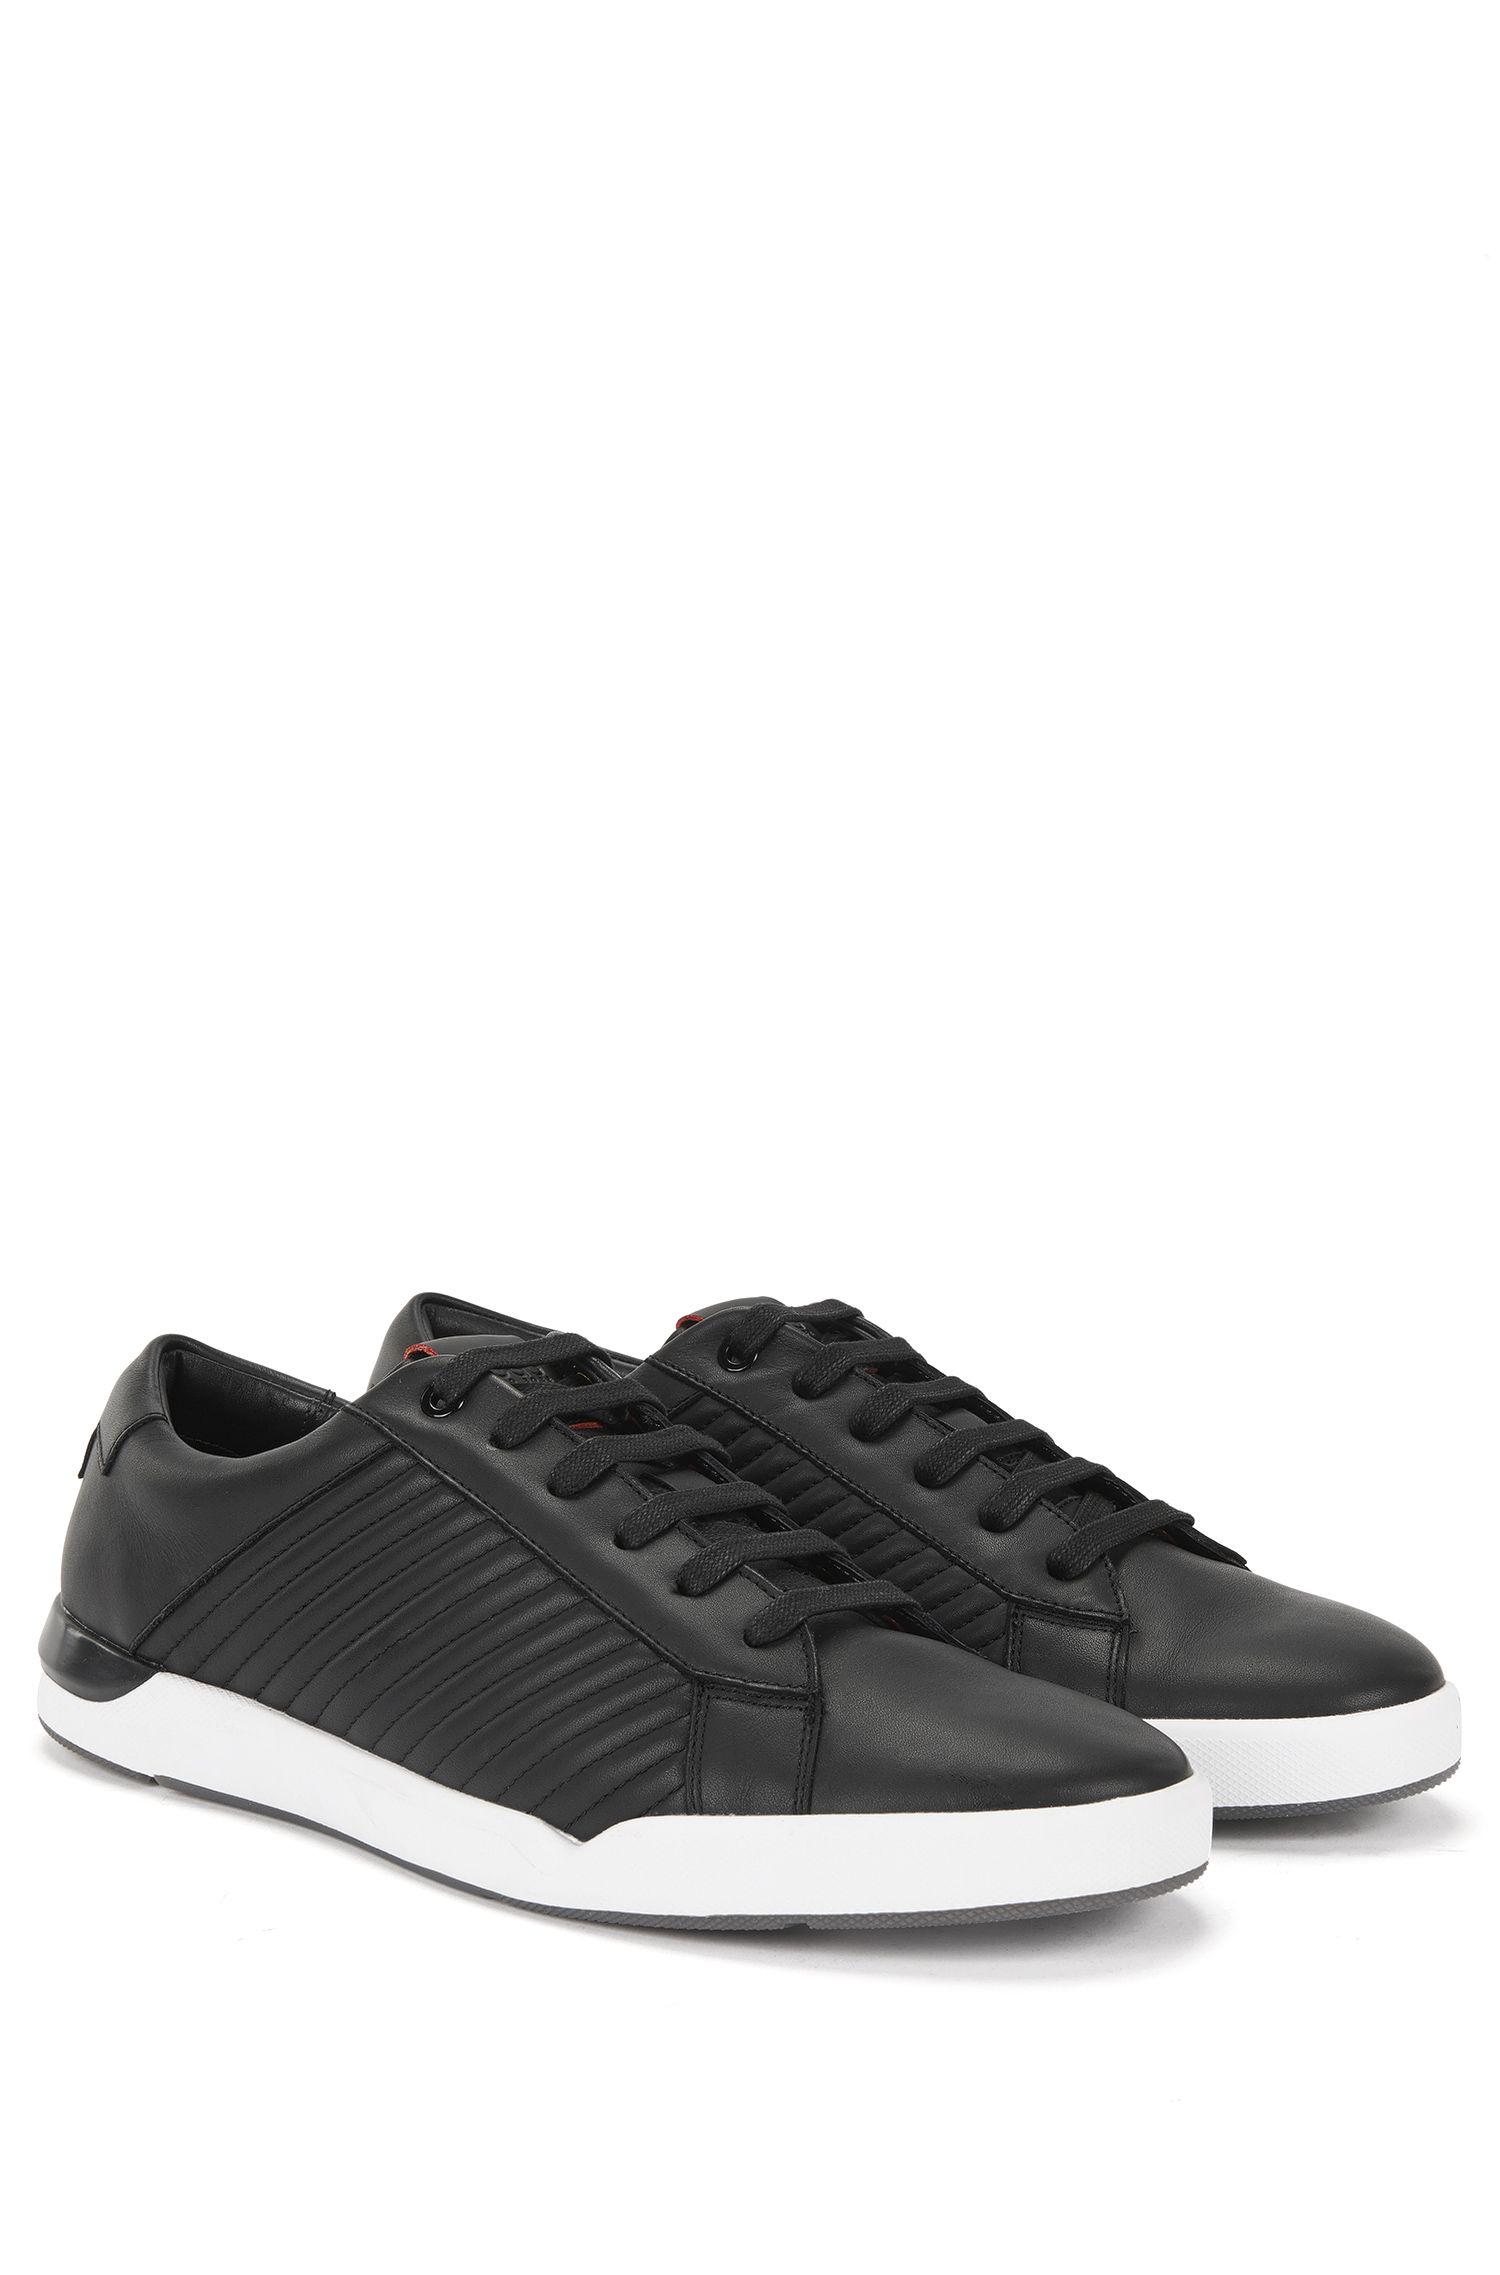 'Fusion Tenn ltma' | Calfskin Metelasse Sneakers